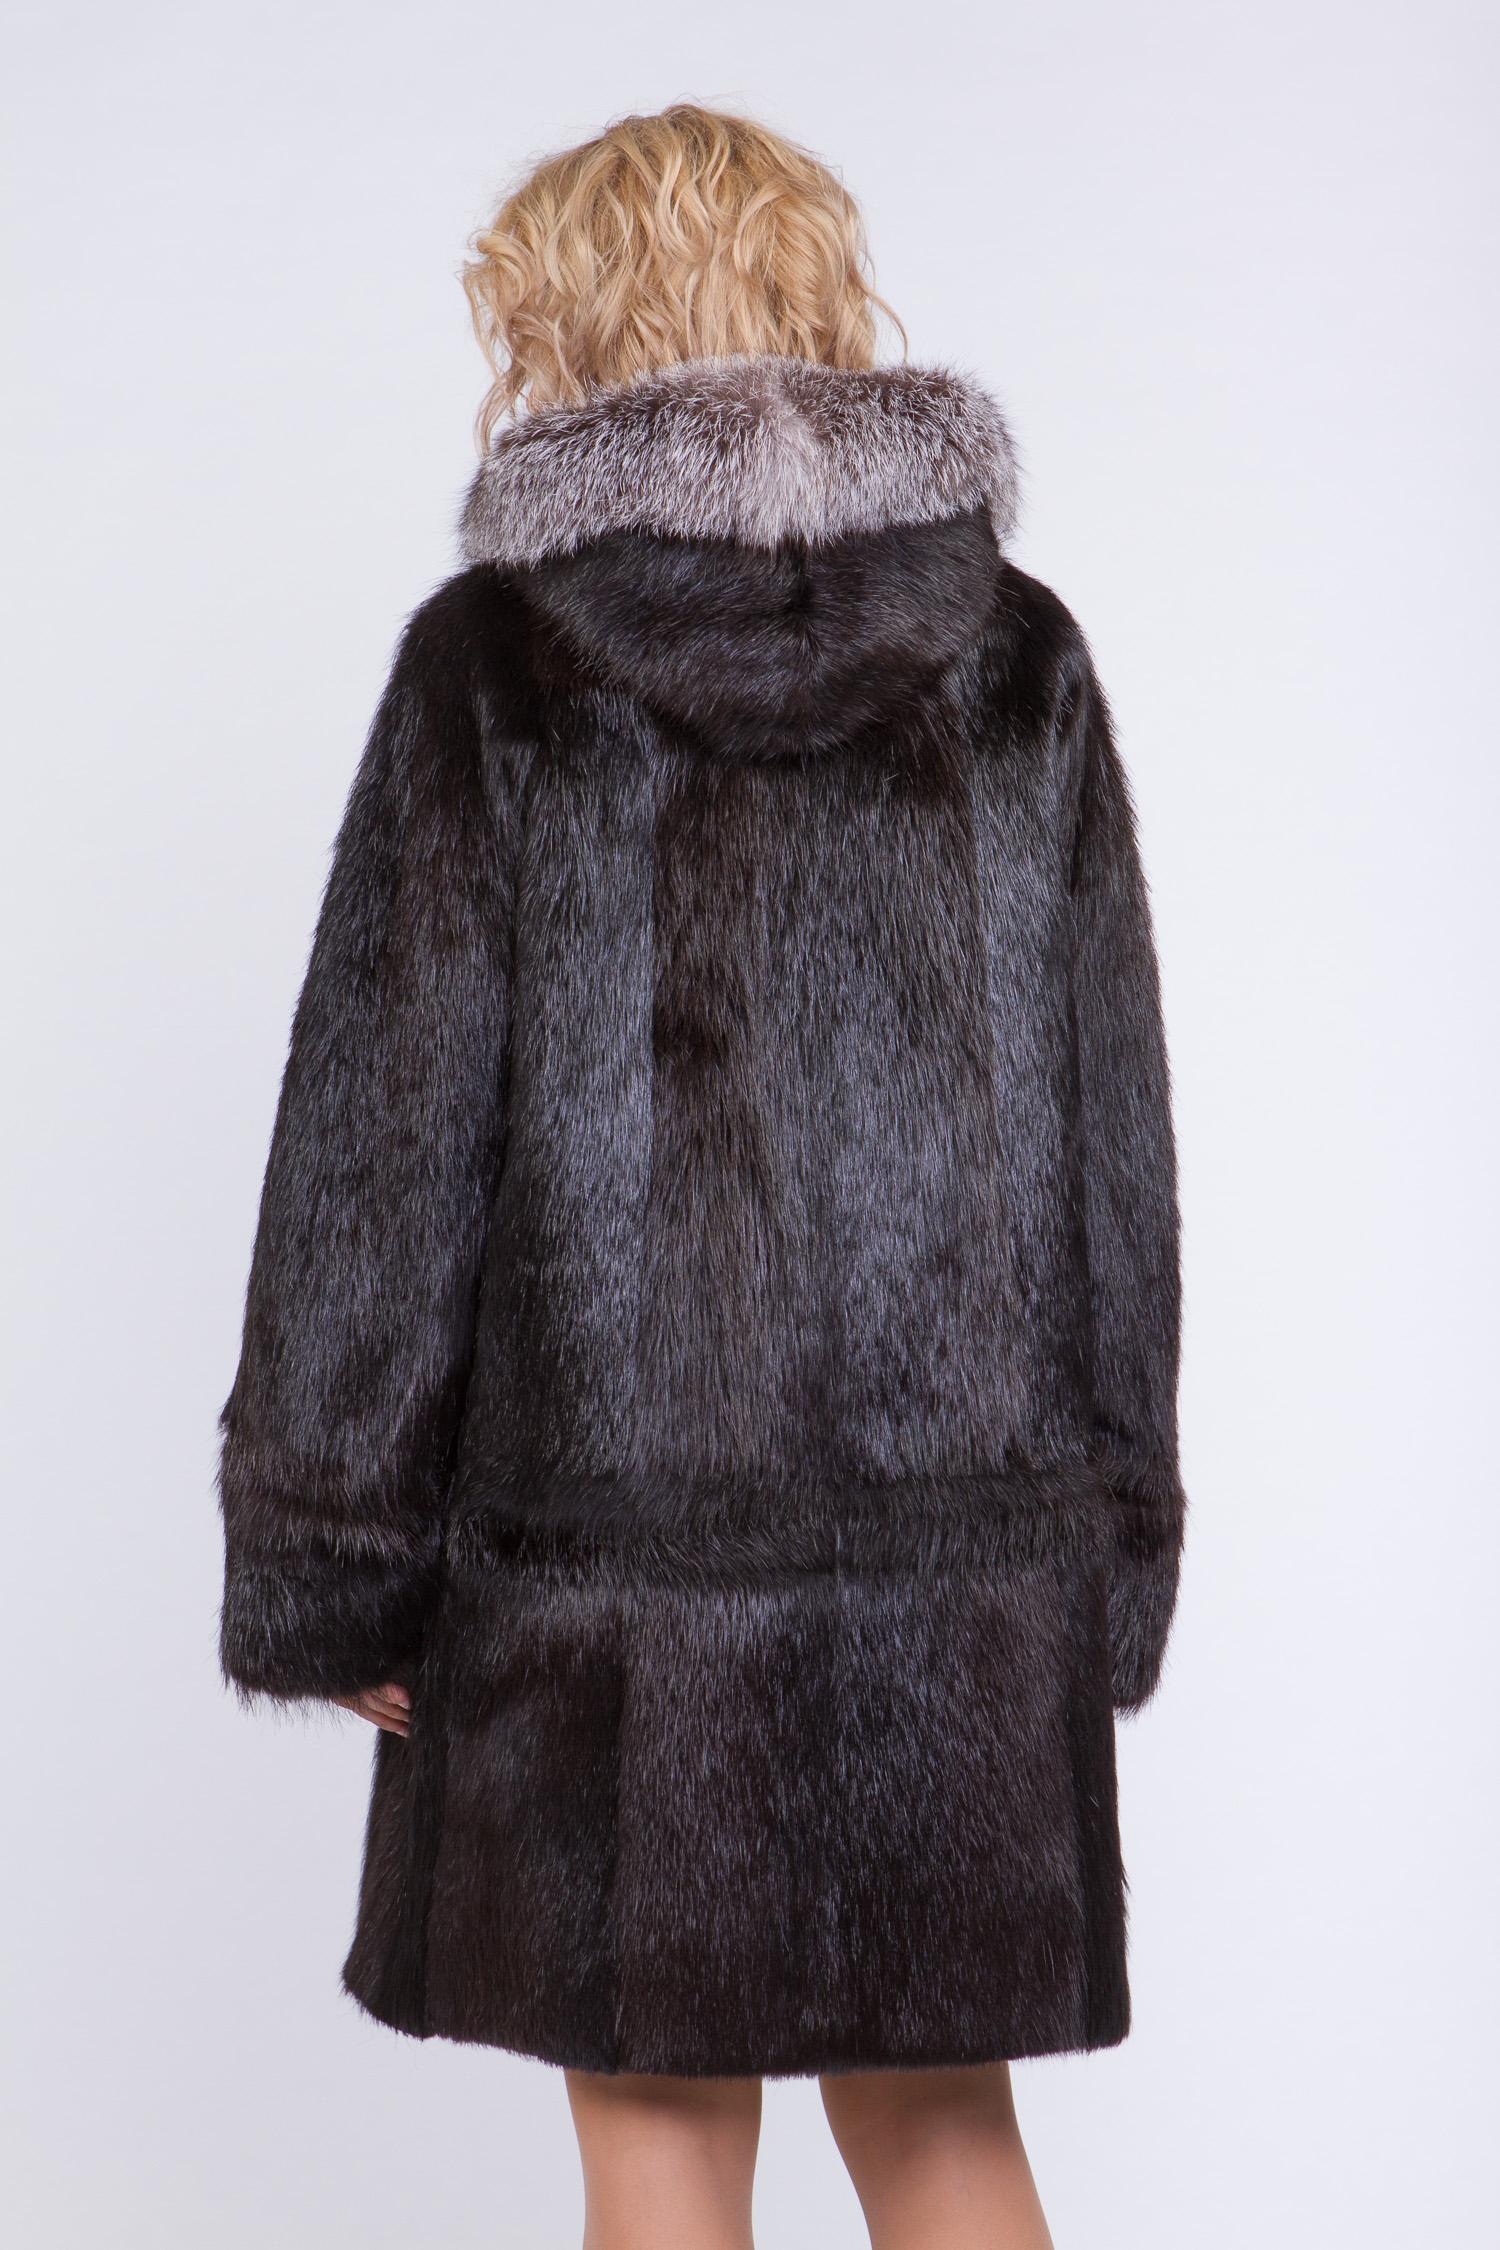 Шуба из нутрии с капюшоном, отделка лиса от Московская Меховая Компания